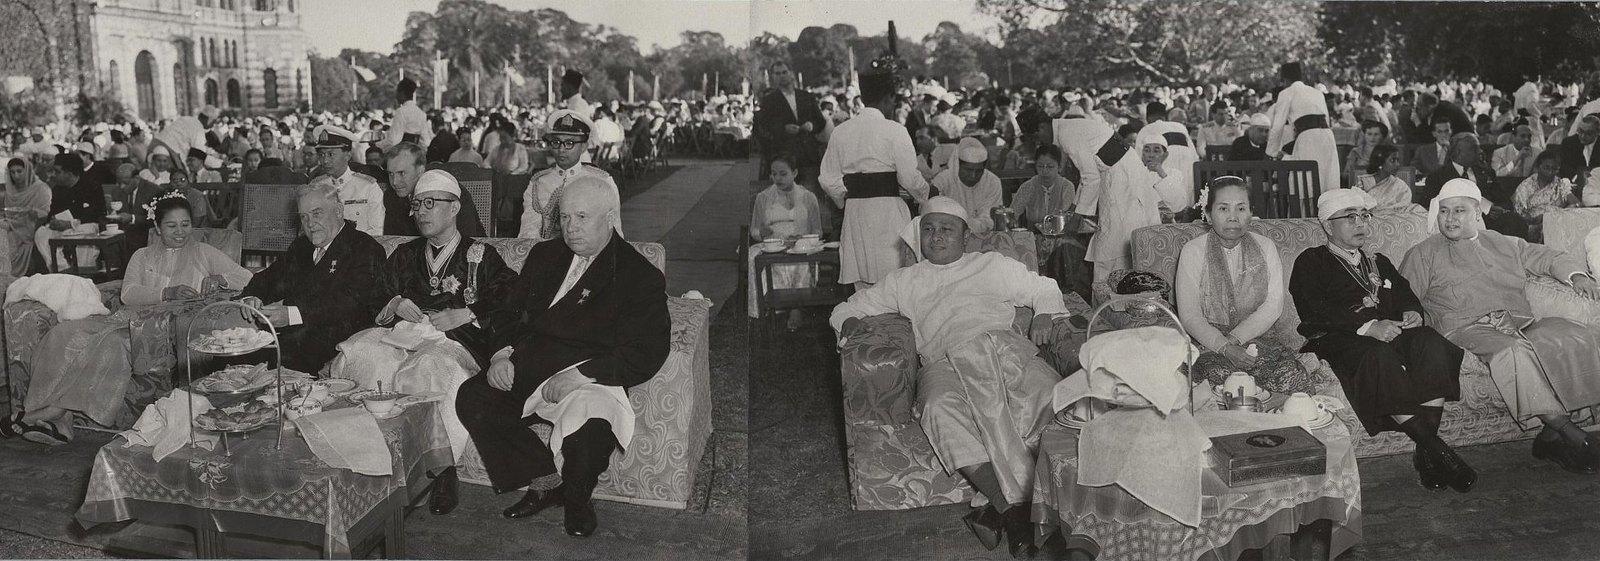 04. На приеме у Президента бирманского союза Ба У. Перед дворцом